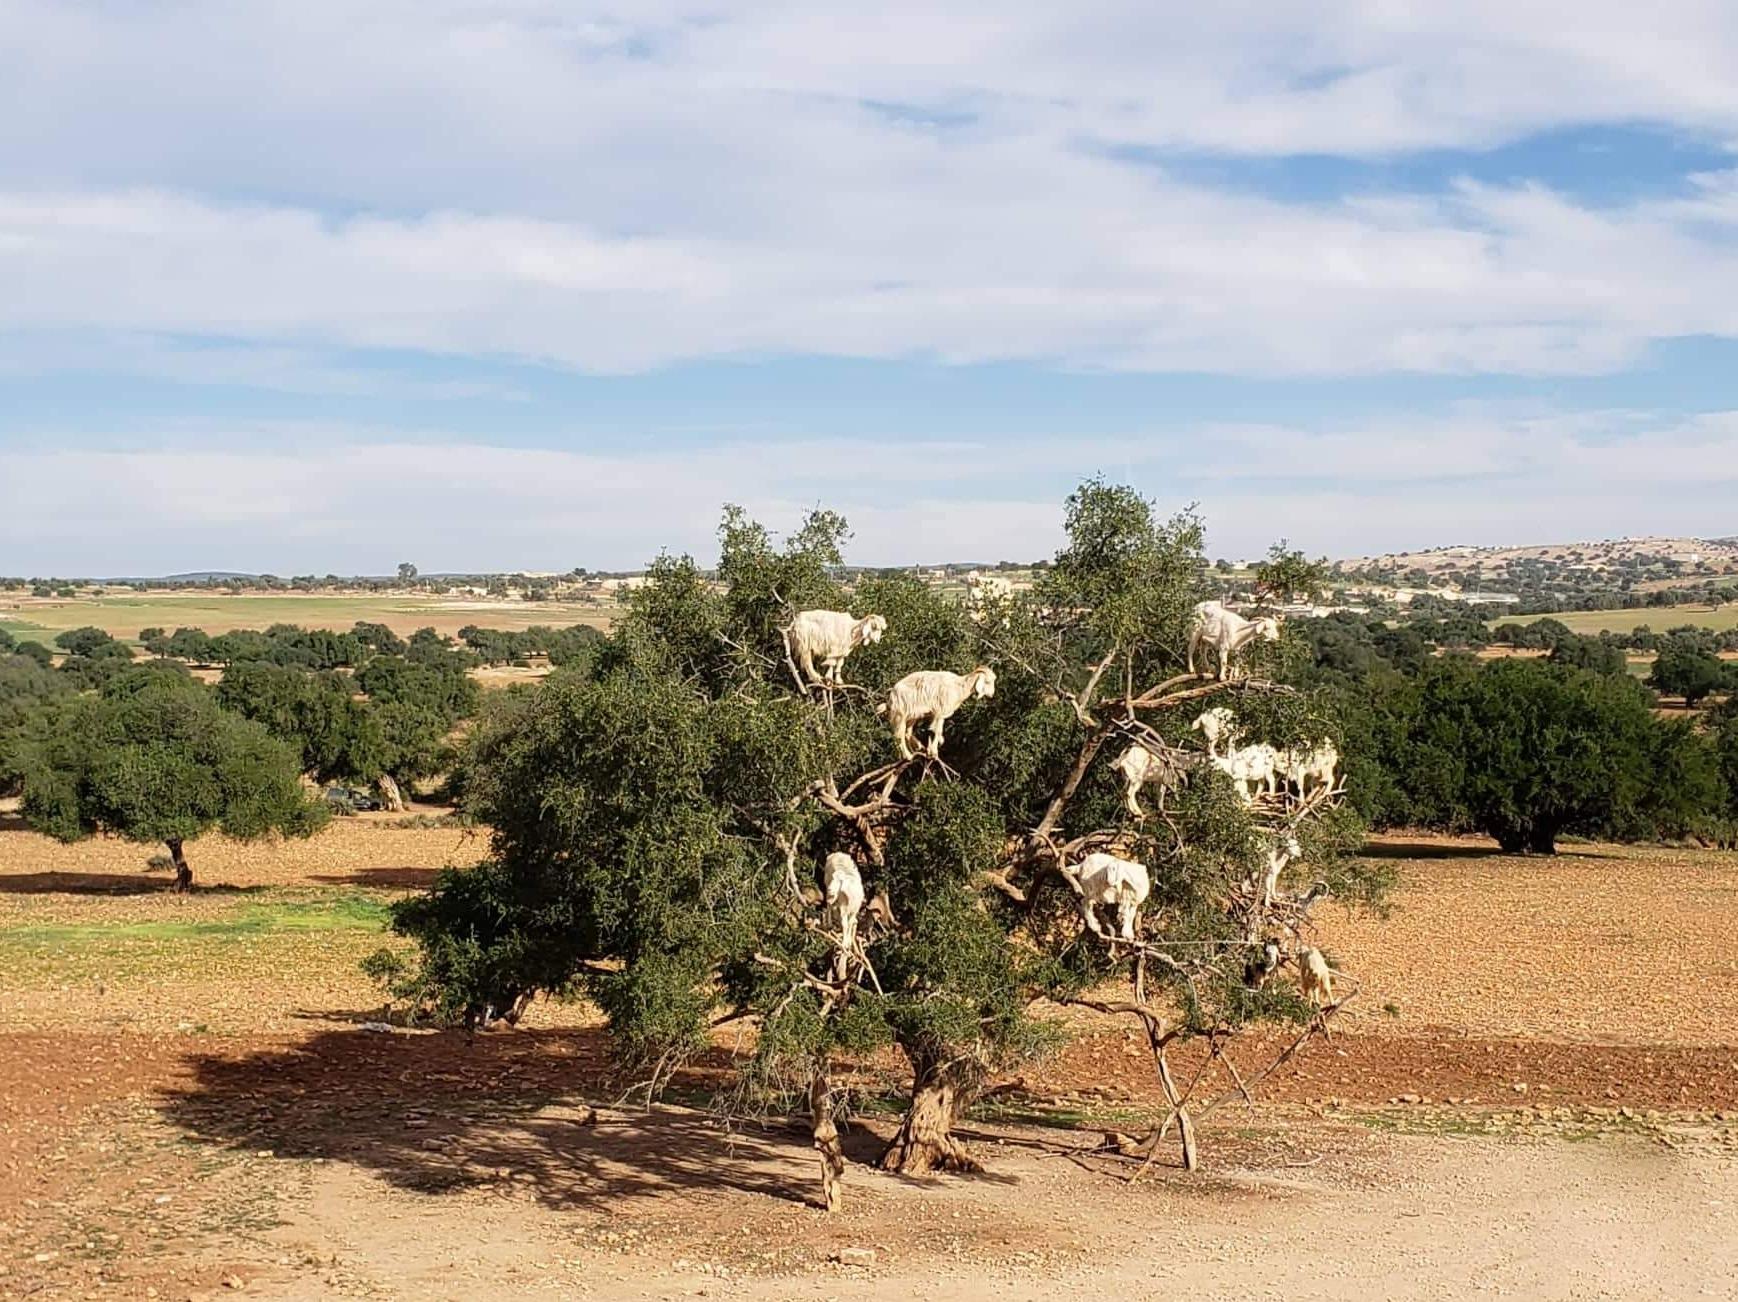 Chèvres dans un arganier au Maroc entre Marrakech et Essaouira